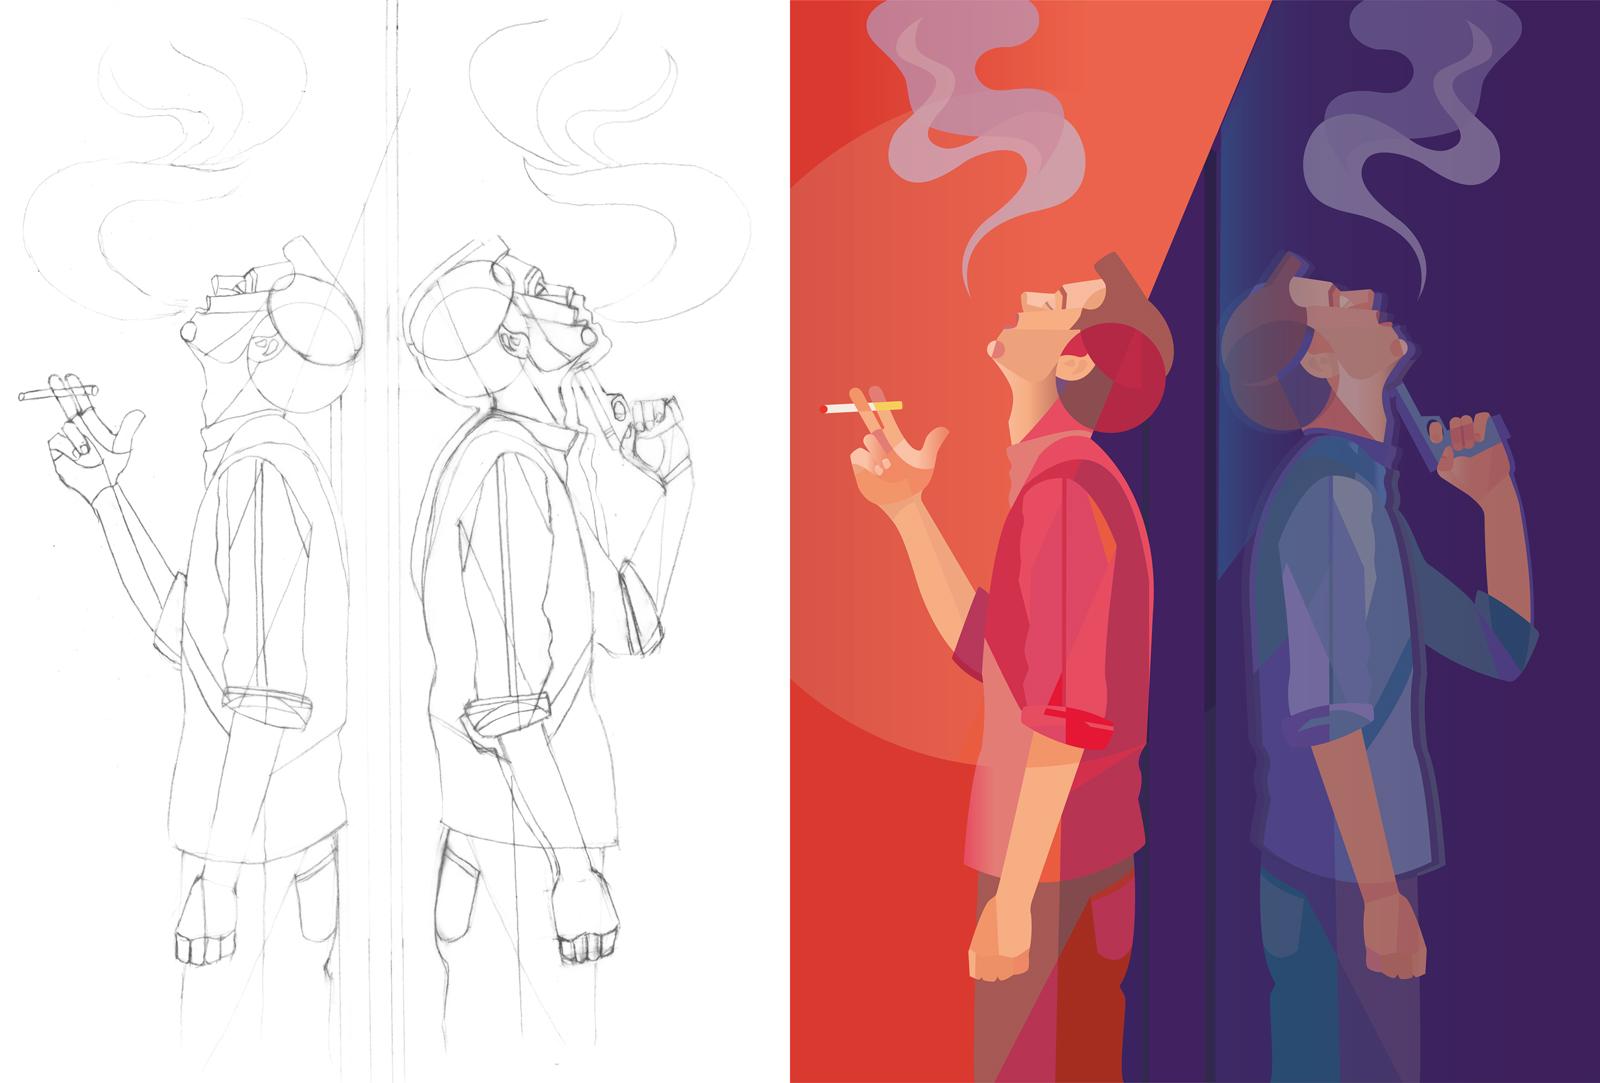 MariaCentola_Illustration_SmokingGun_2